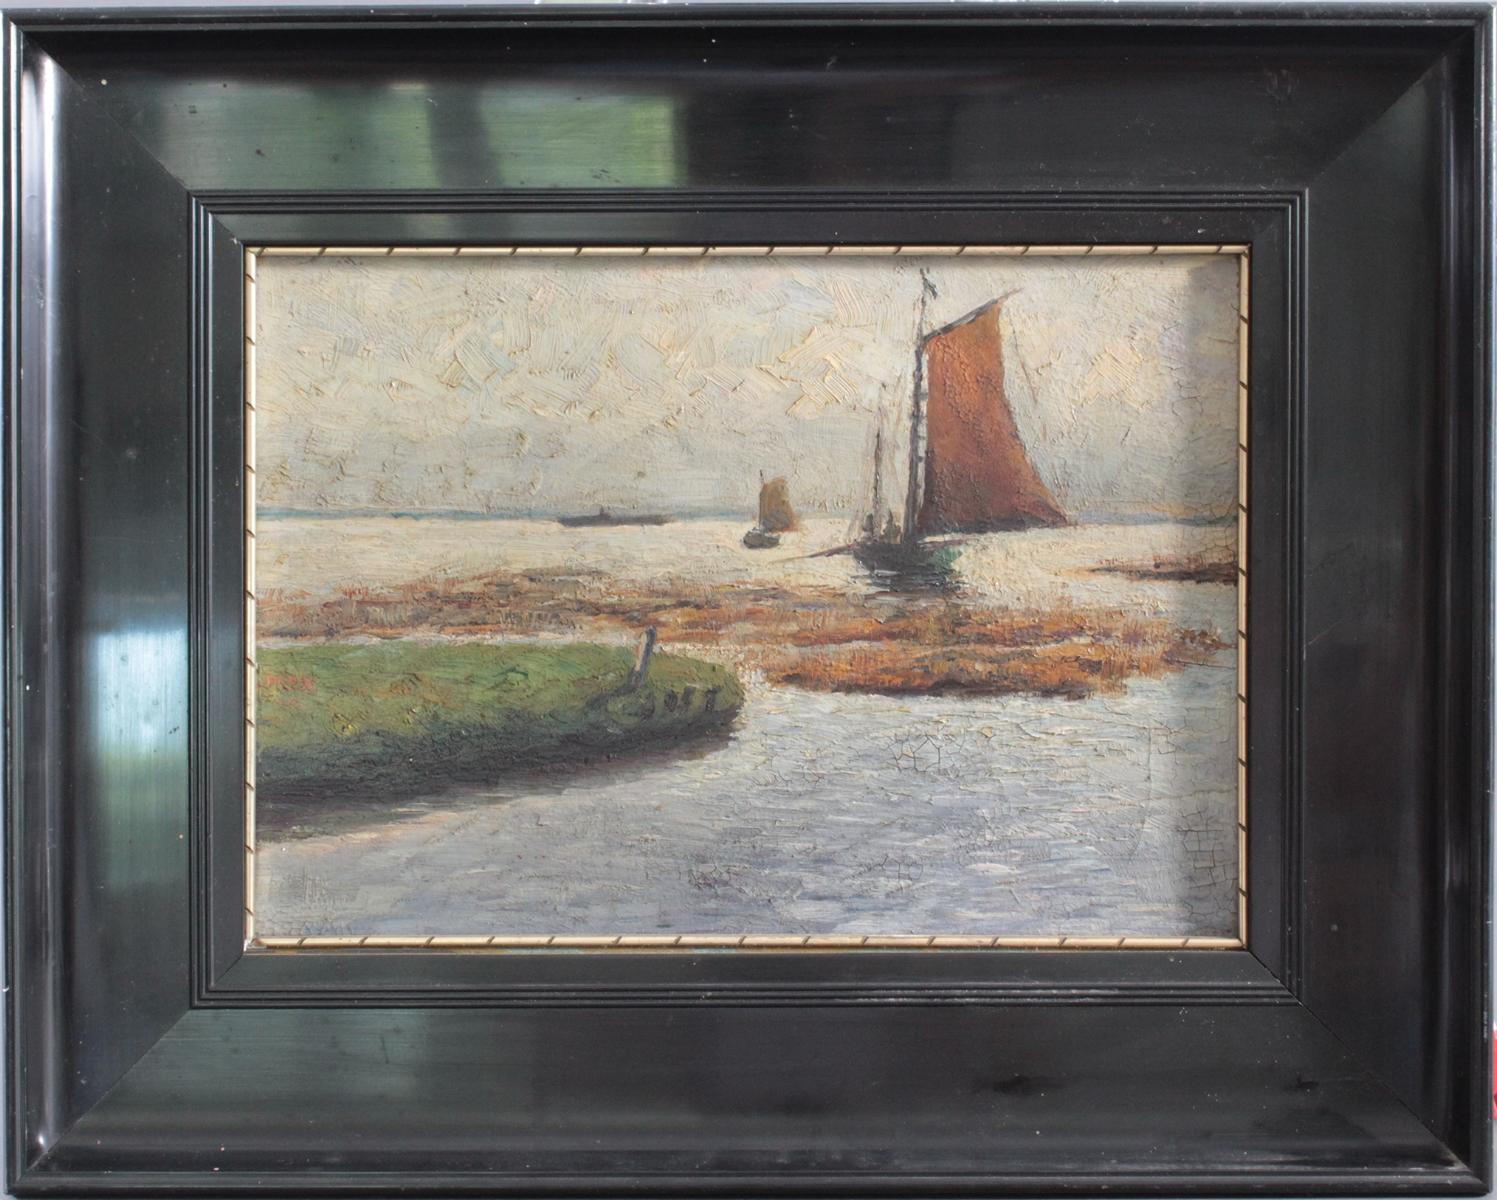 Meereslandschaft mit Segelbooten, unbekannter Künstler